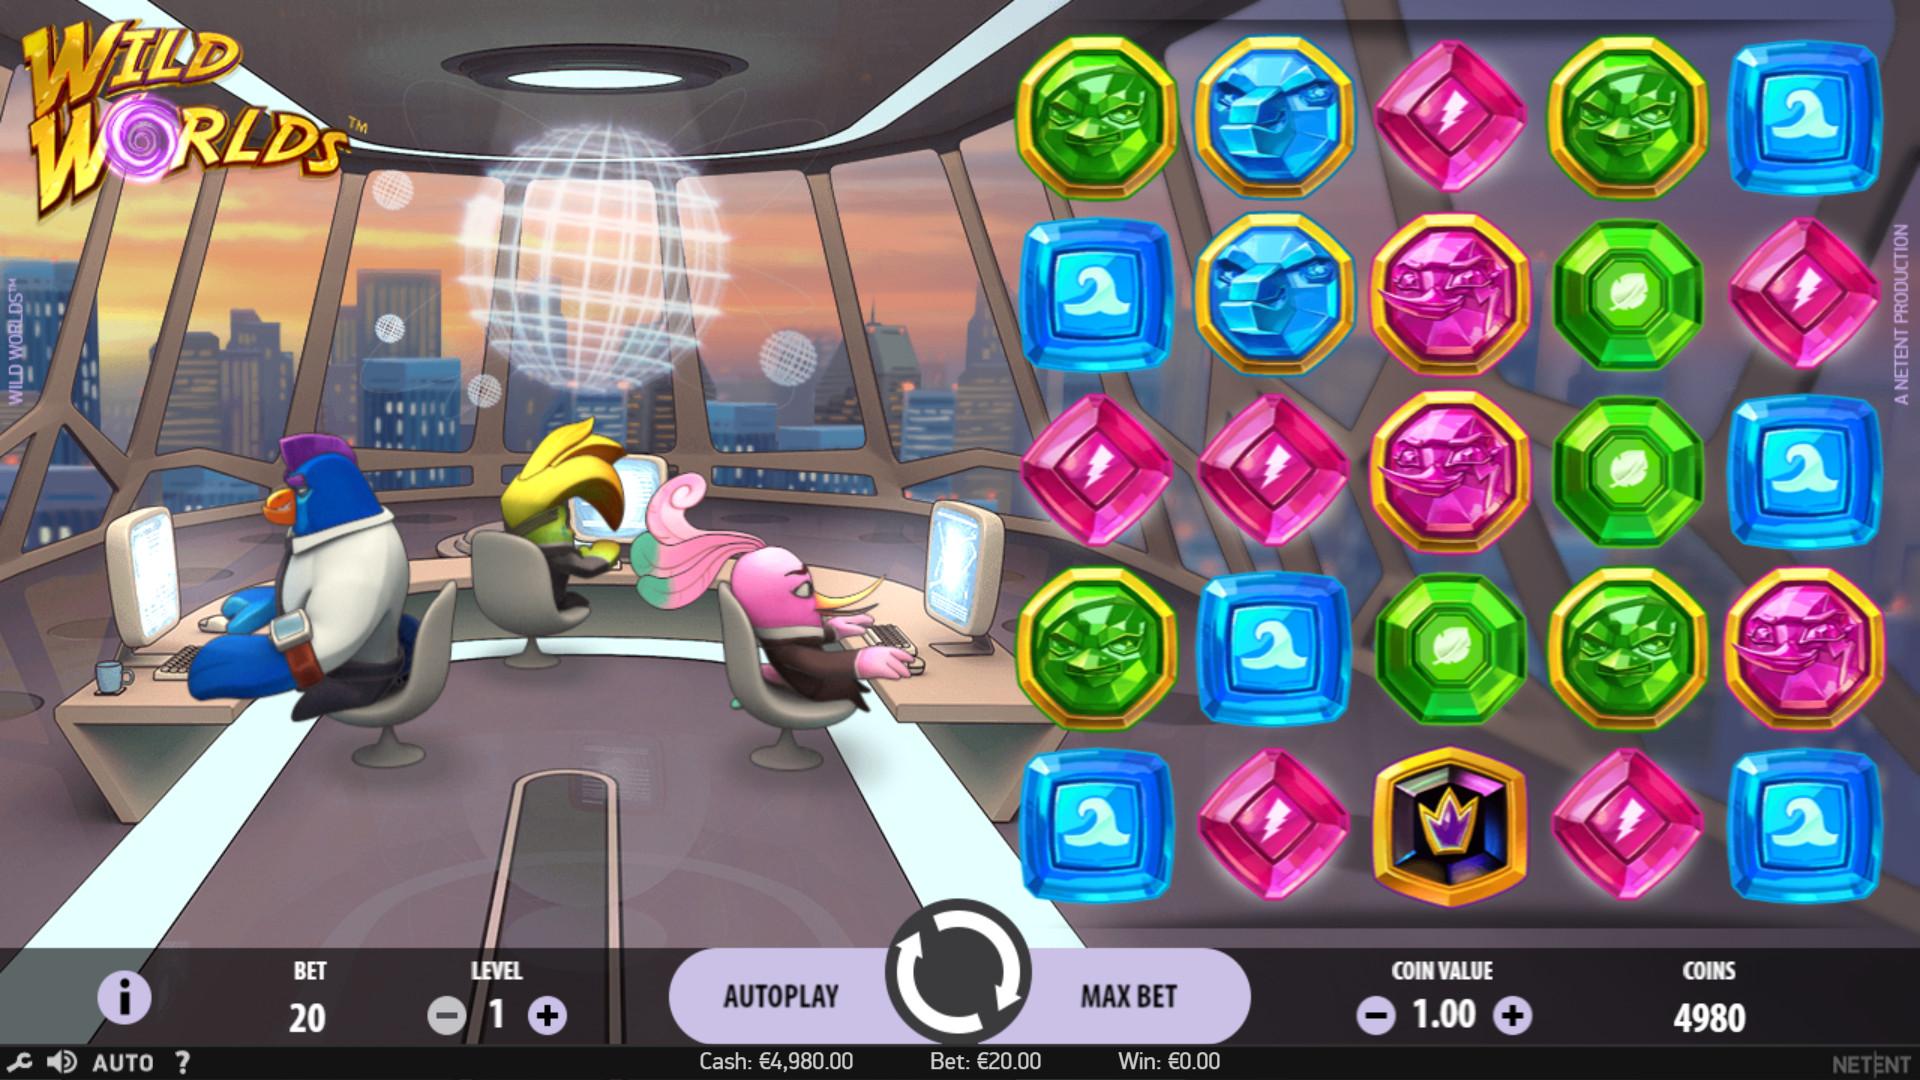 Игровой автомат Wild Worlds играть онлайн на деньги в казино NetGame